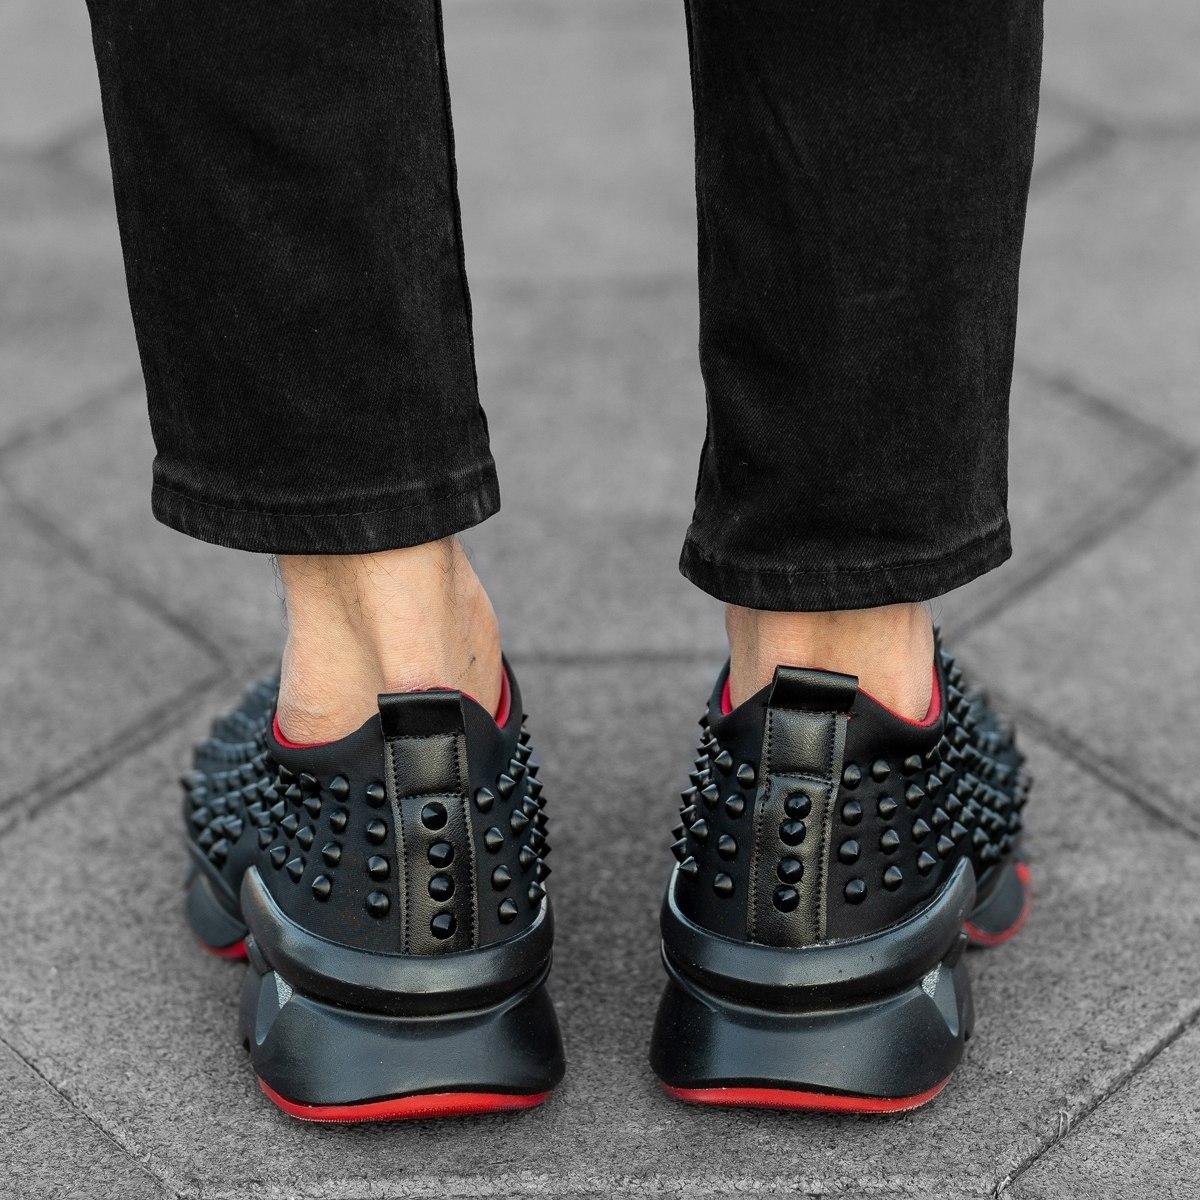 Thorn Sneakers In Black Mv Premium Brand - 4